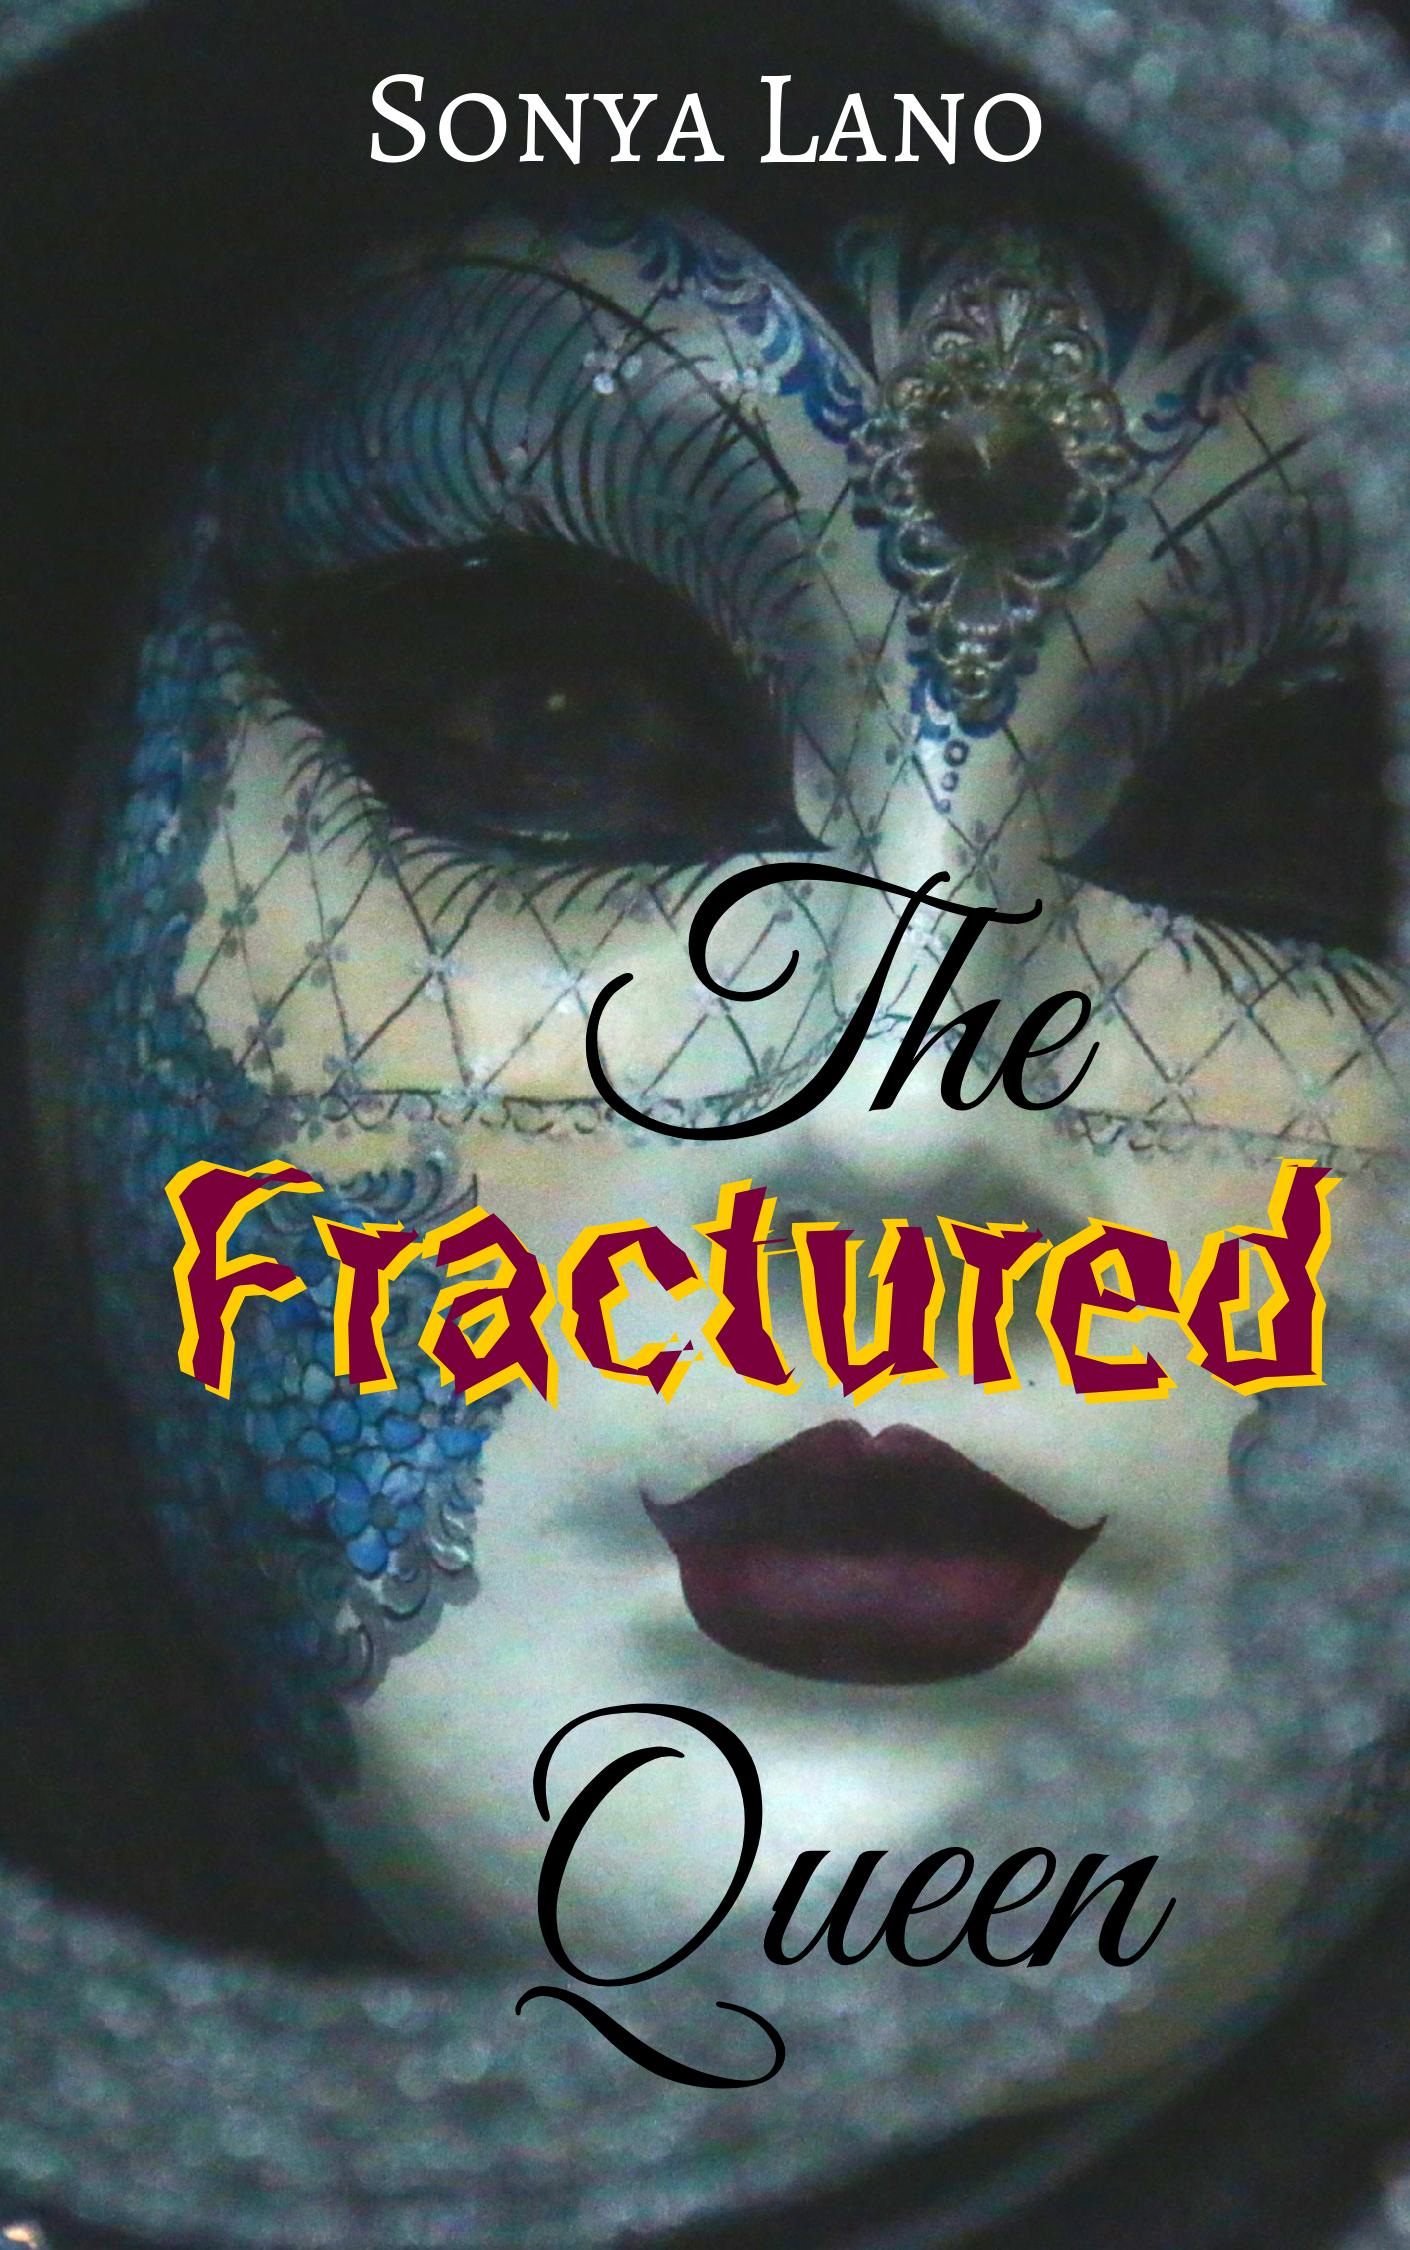 The Fractured Queen